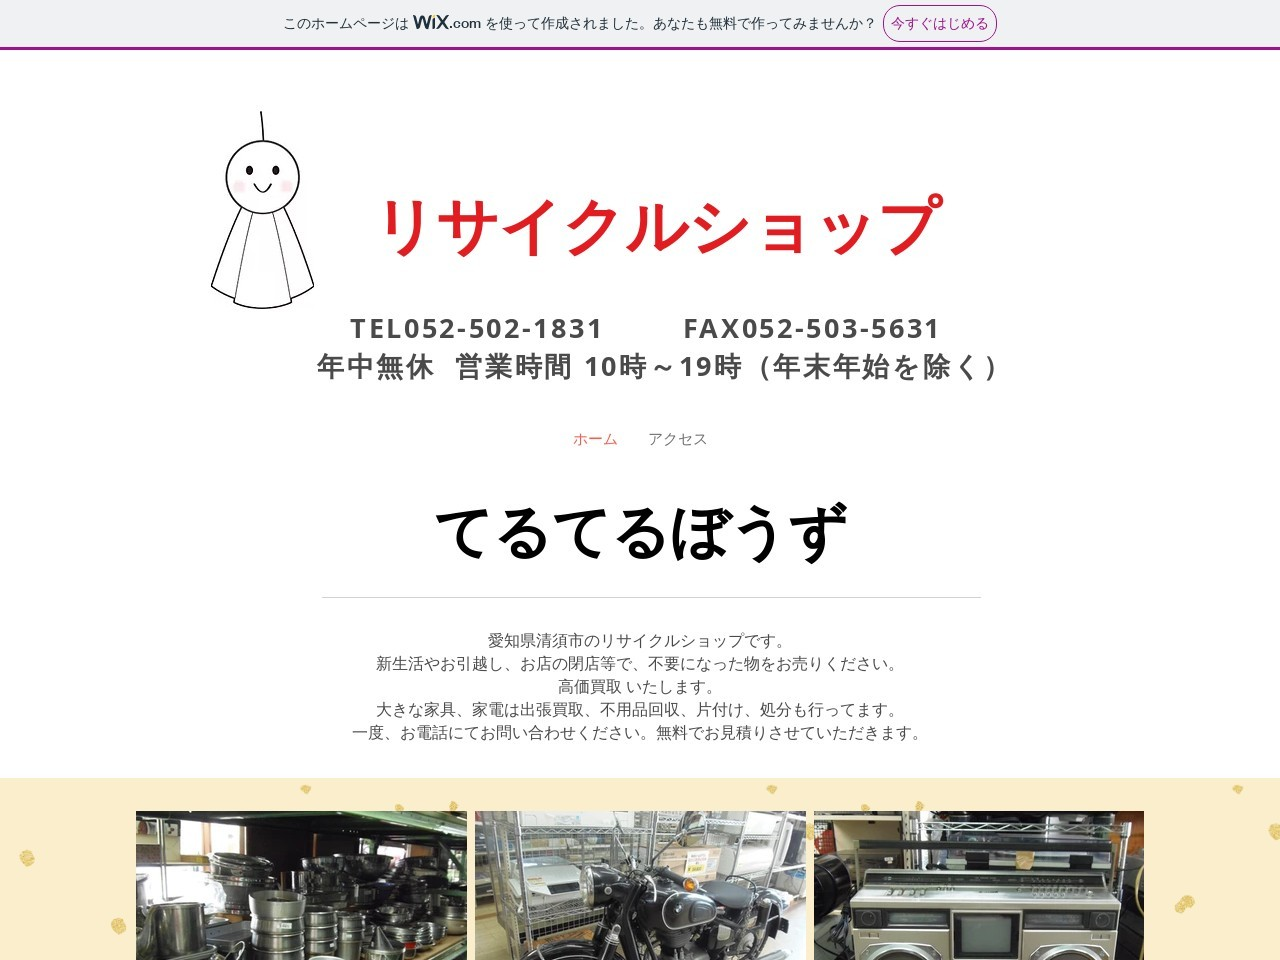 不用品処分・出張買取・中古家電 |愛知県 清須市 | リサイクルショップ てるてるぼうず